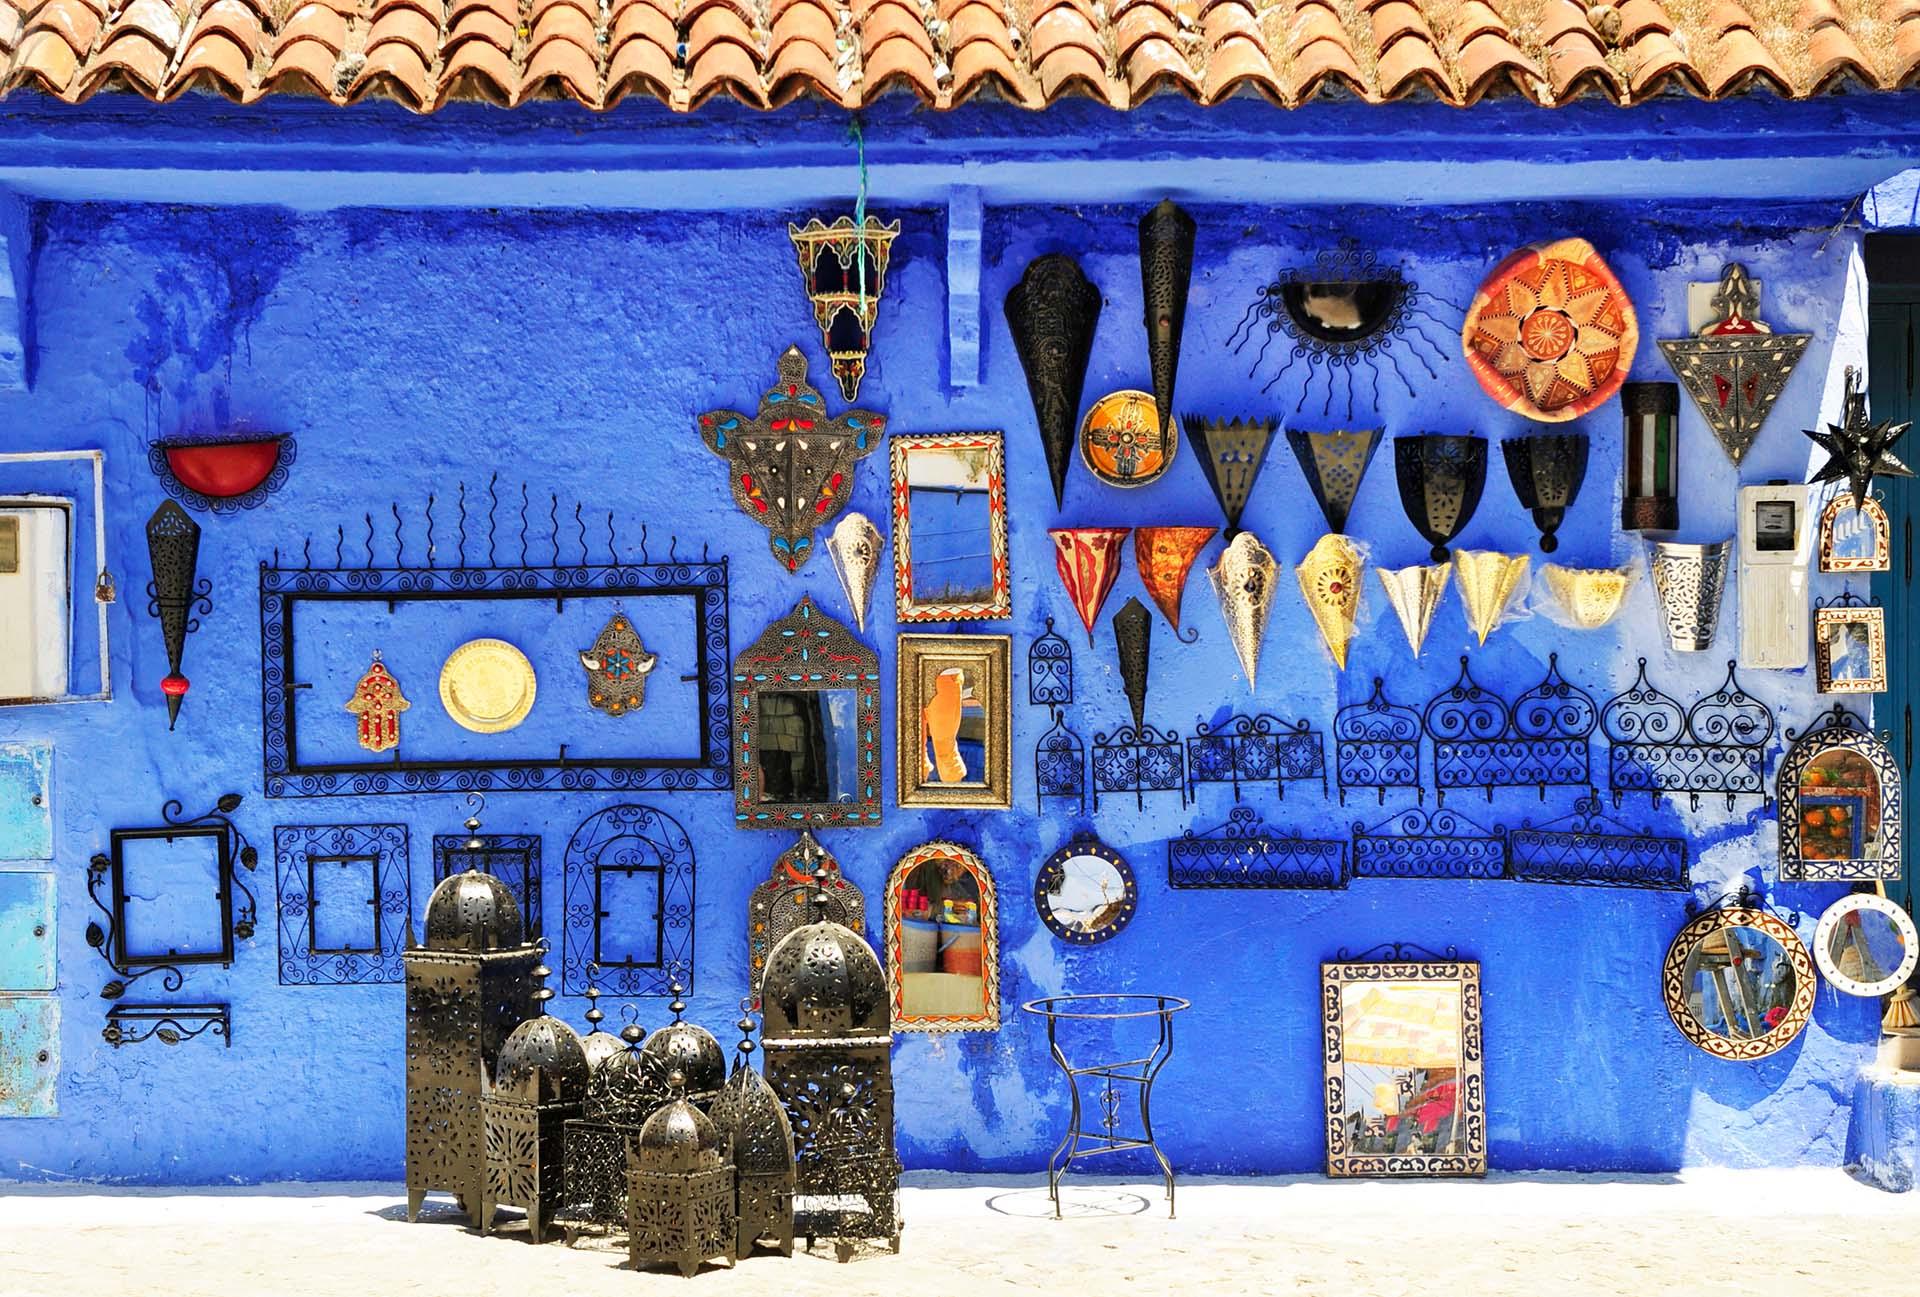 Essaouira, Marruecos es una ciudad portuaria que se está haciendo un nombre por la música, la arquitectura y el arte